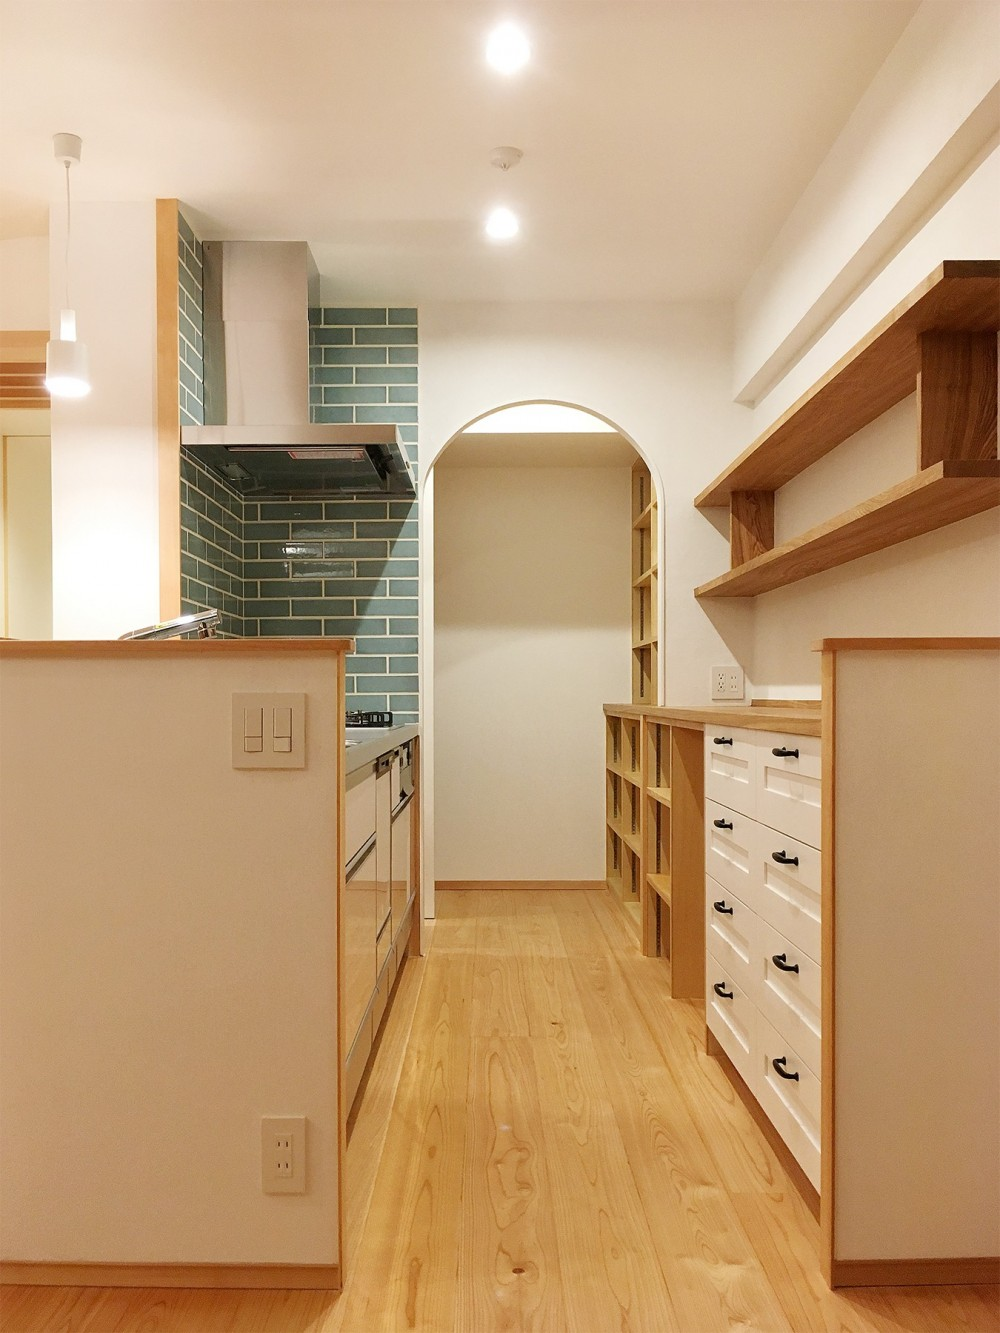 タイルとアーチがアクセントになったキッチン (裁縫スペースのある家 浦和マンションリノベーション)